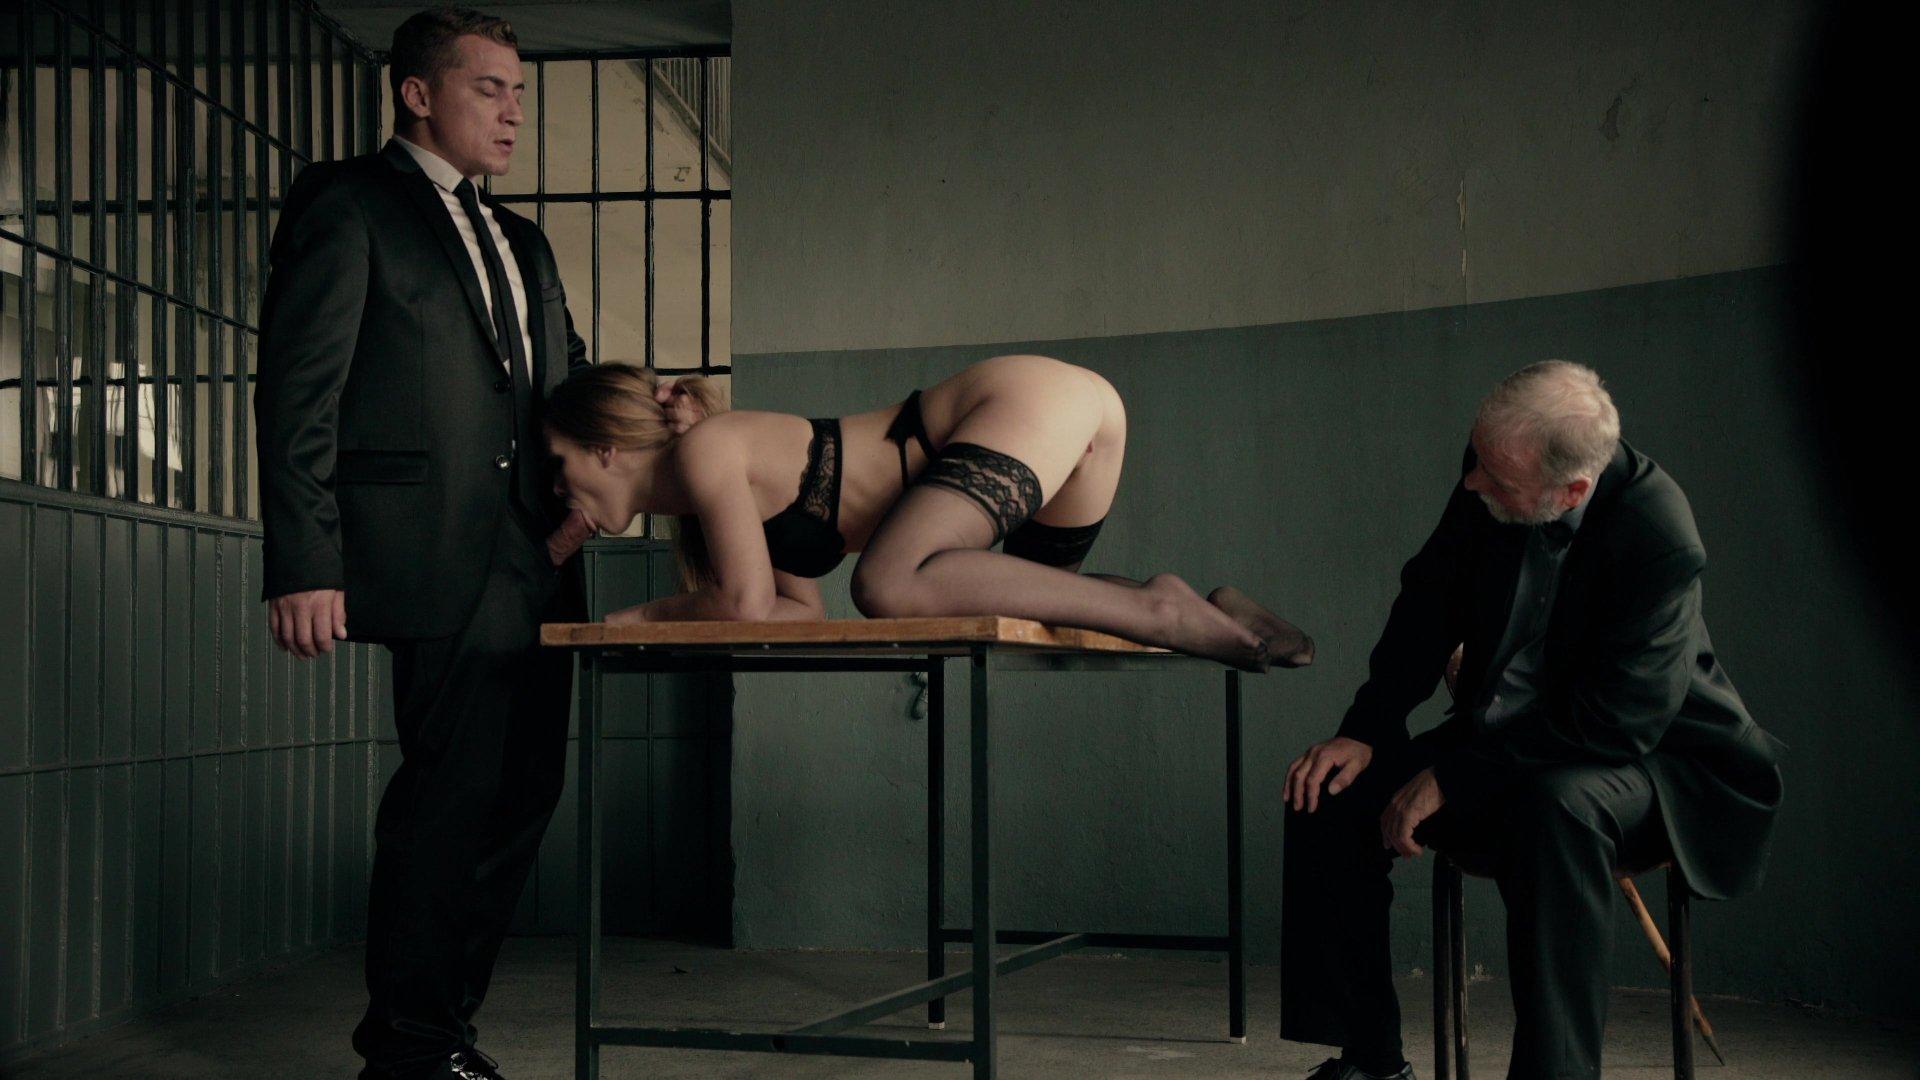 pornstar janine lindemulder anal